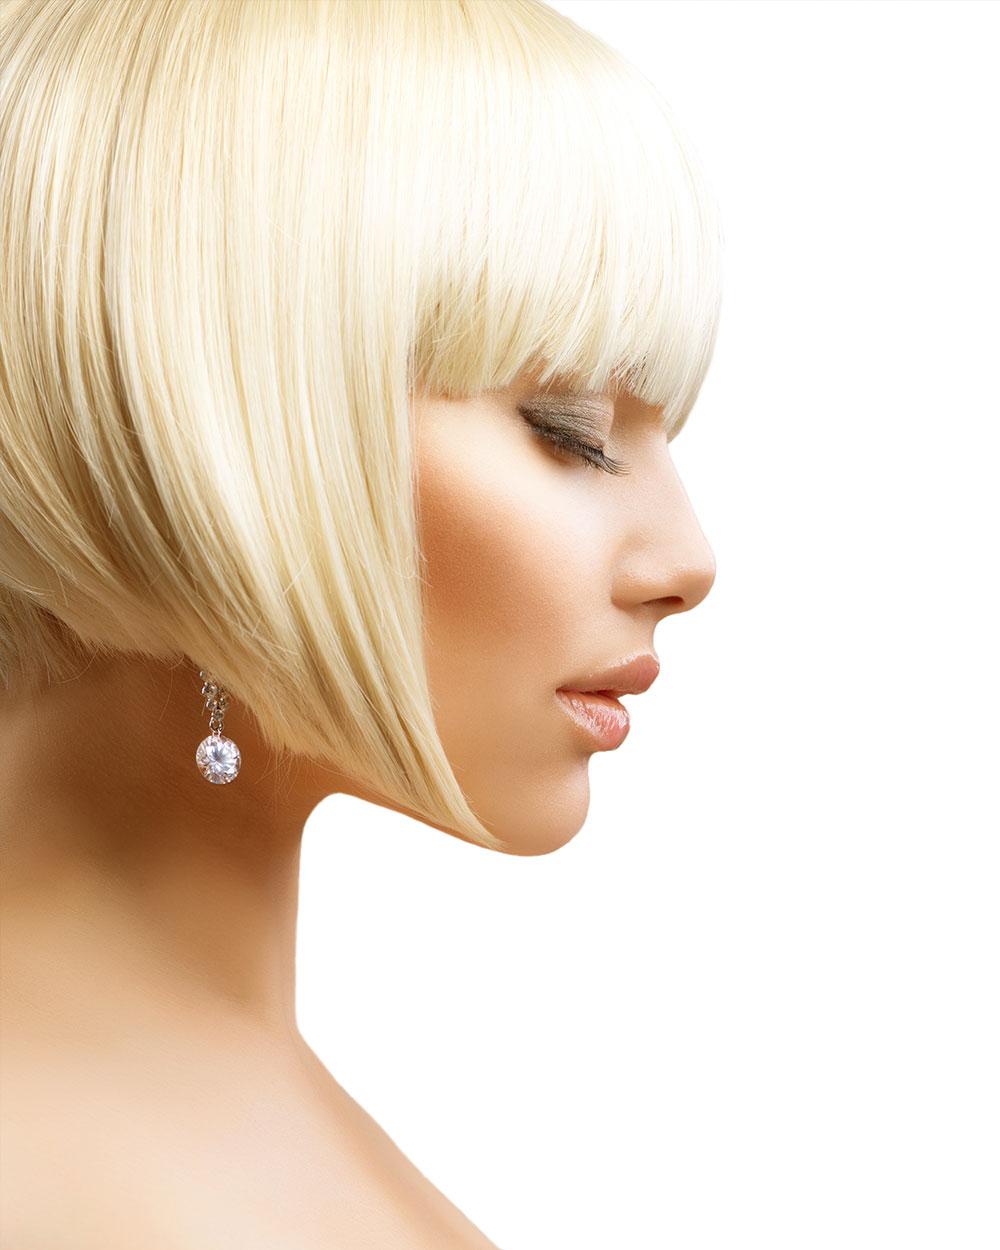 fotolia-blondie